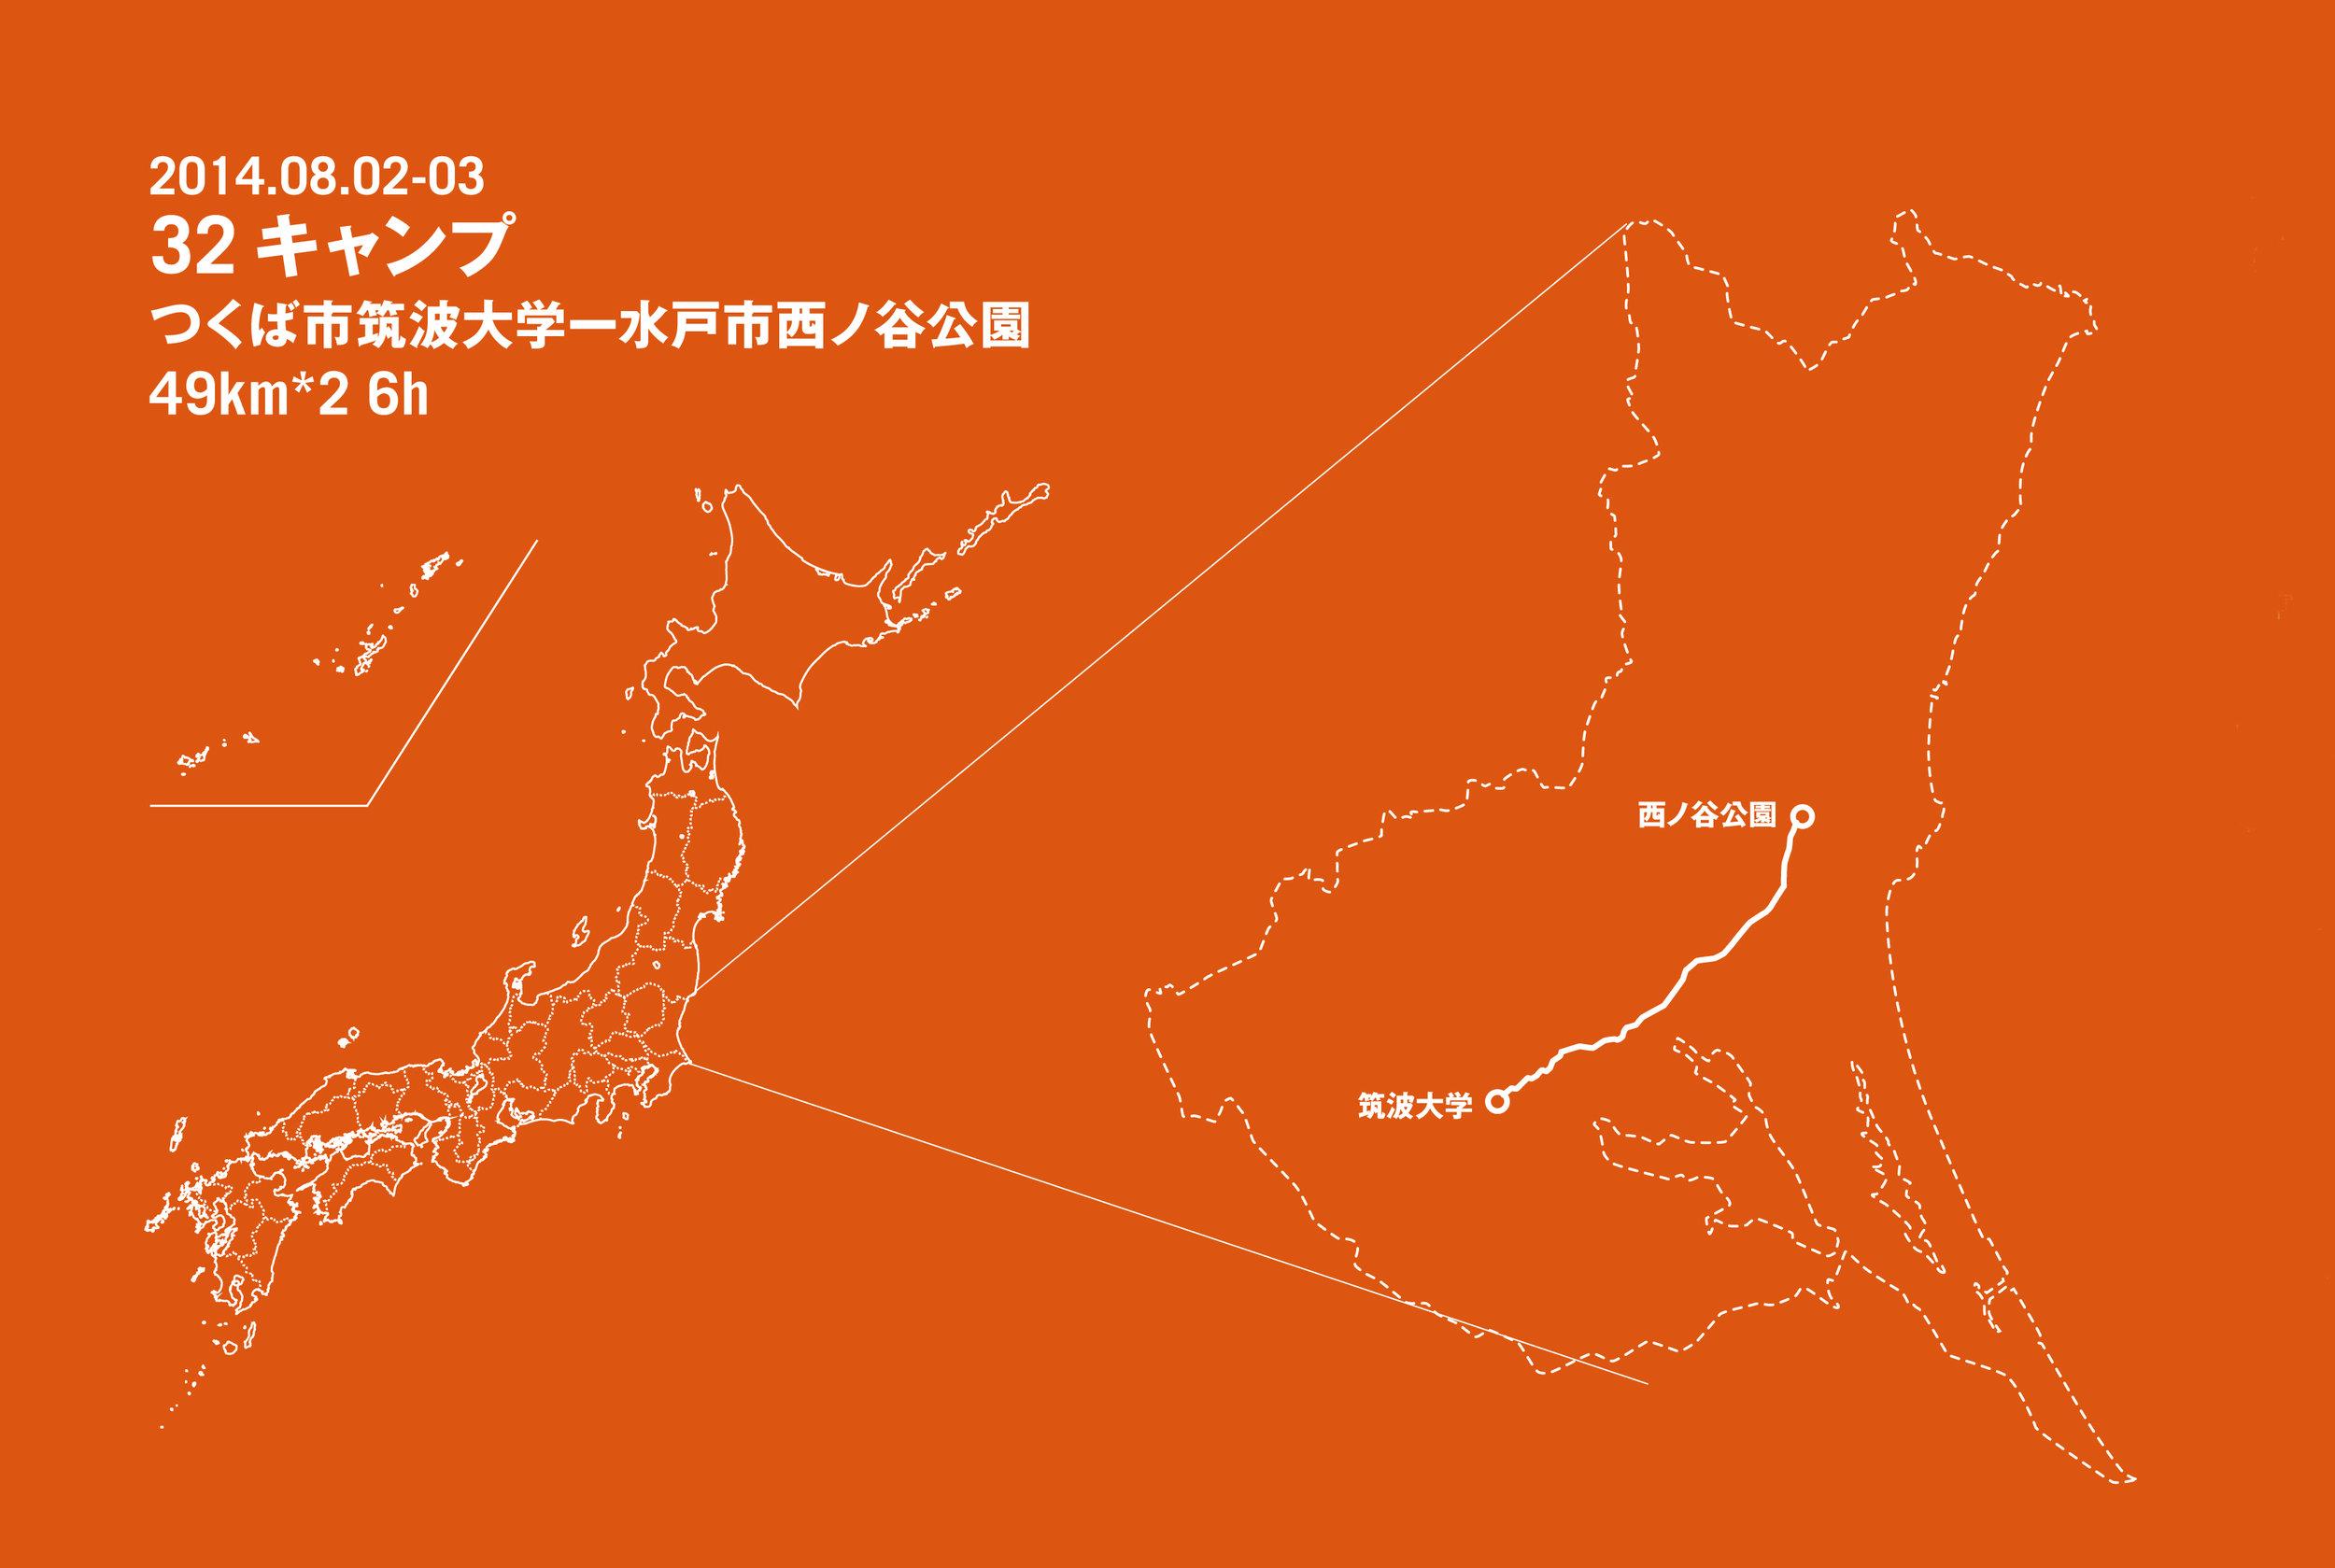 180123地図素材-32camp.jpg